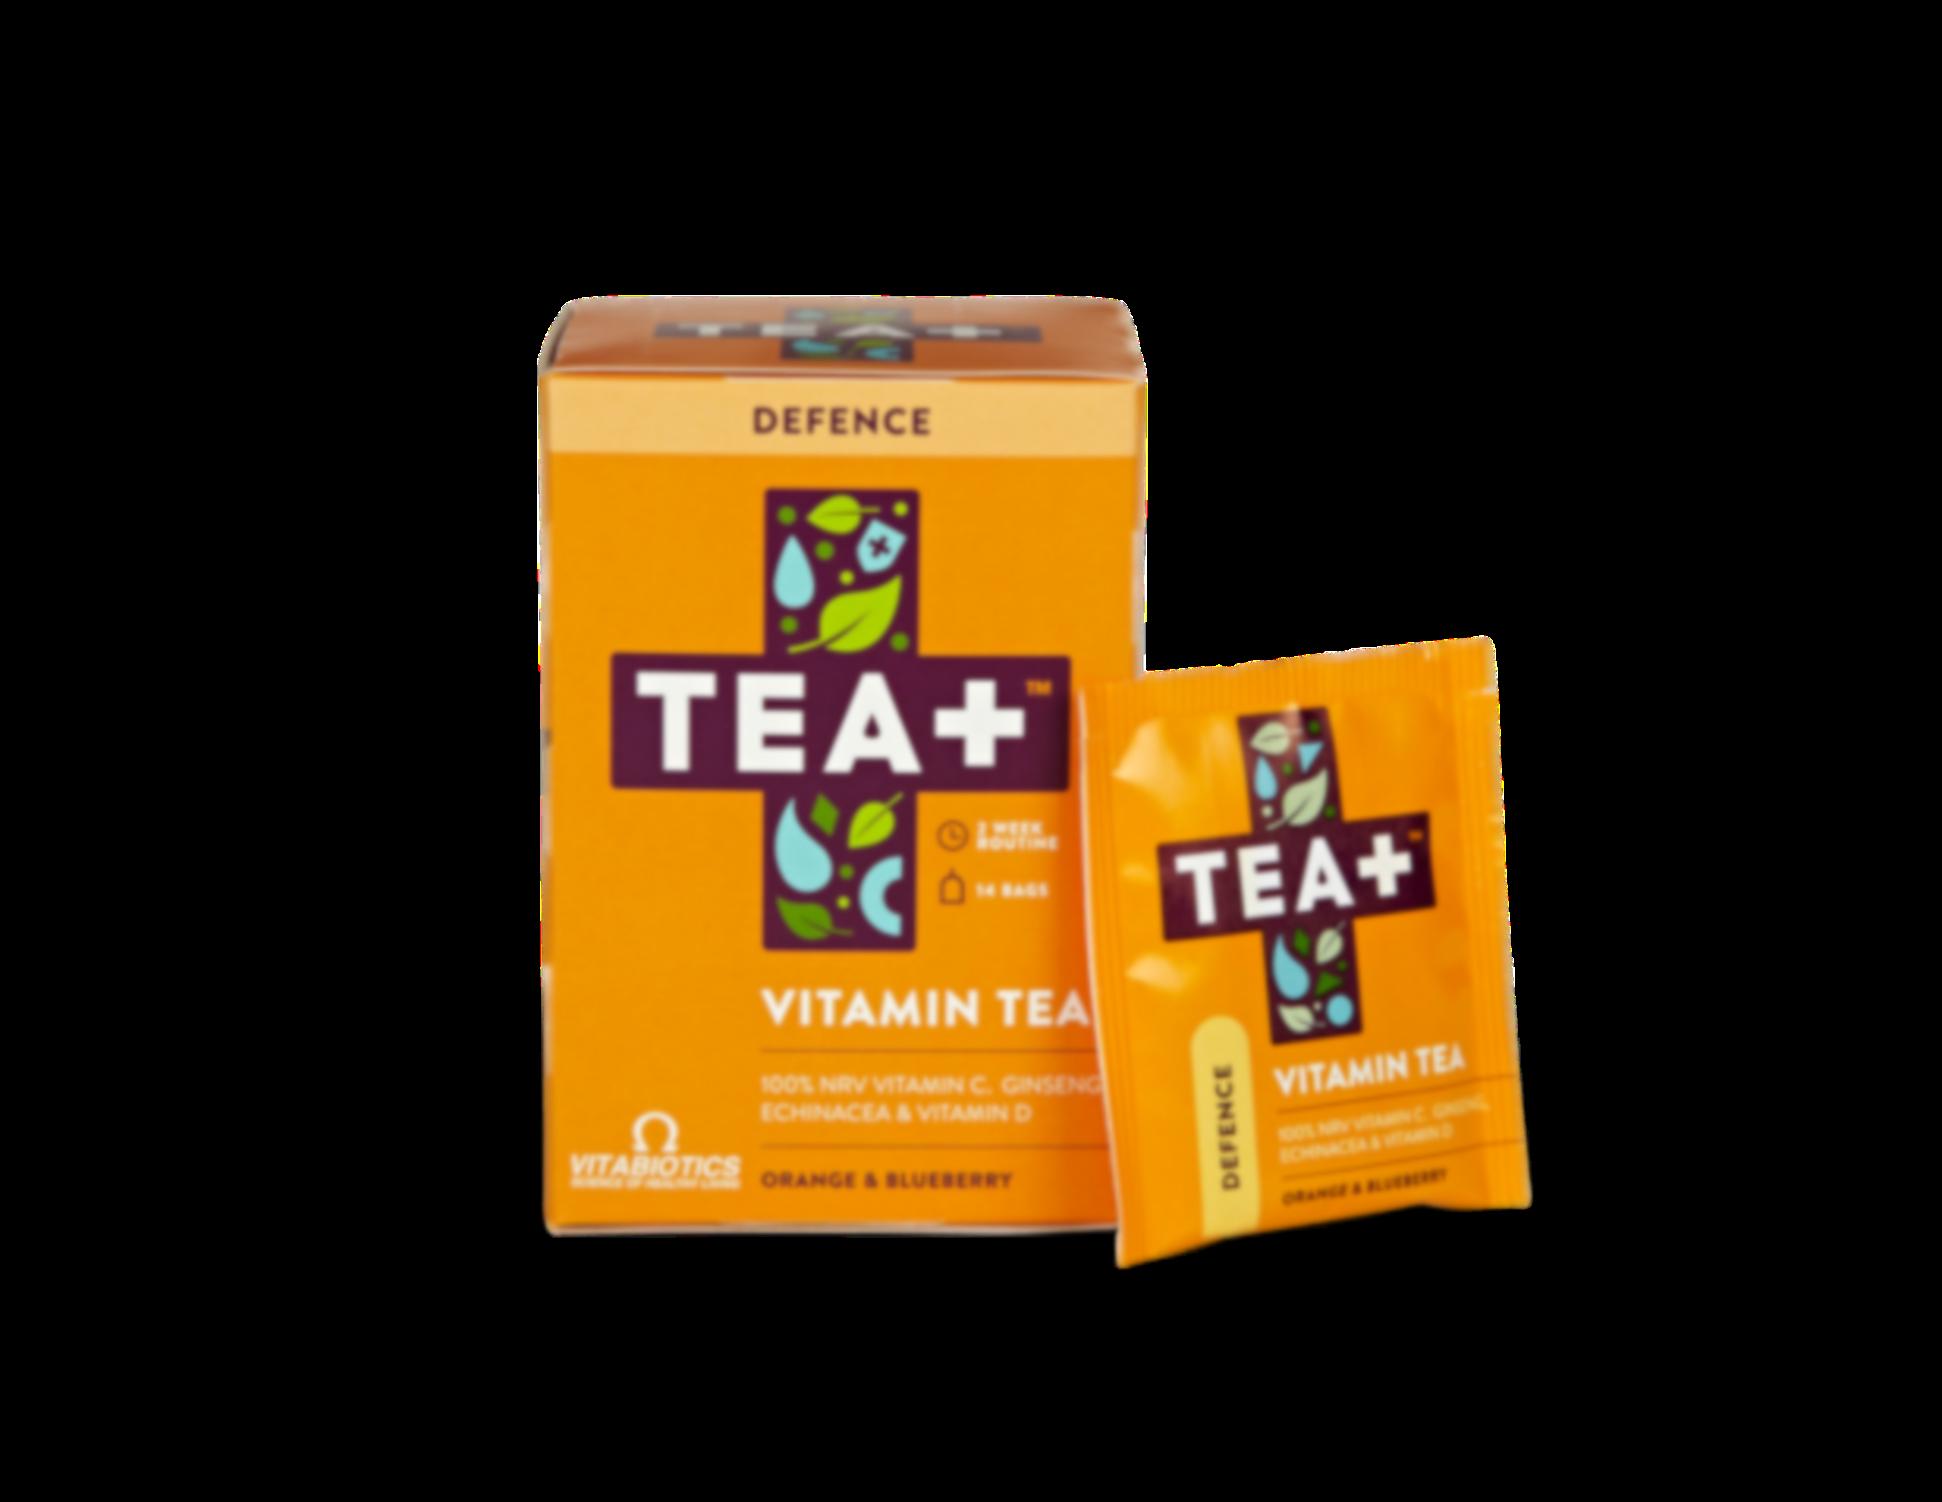 Tea+ Vitamin Tea Defence Orange & Blueberry